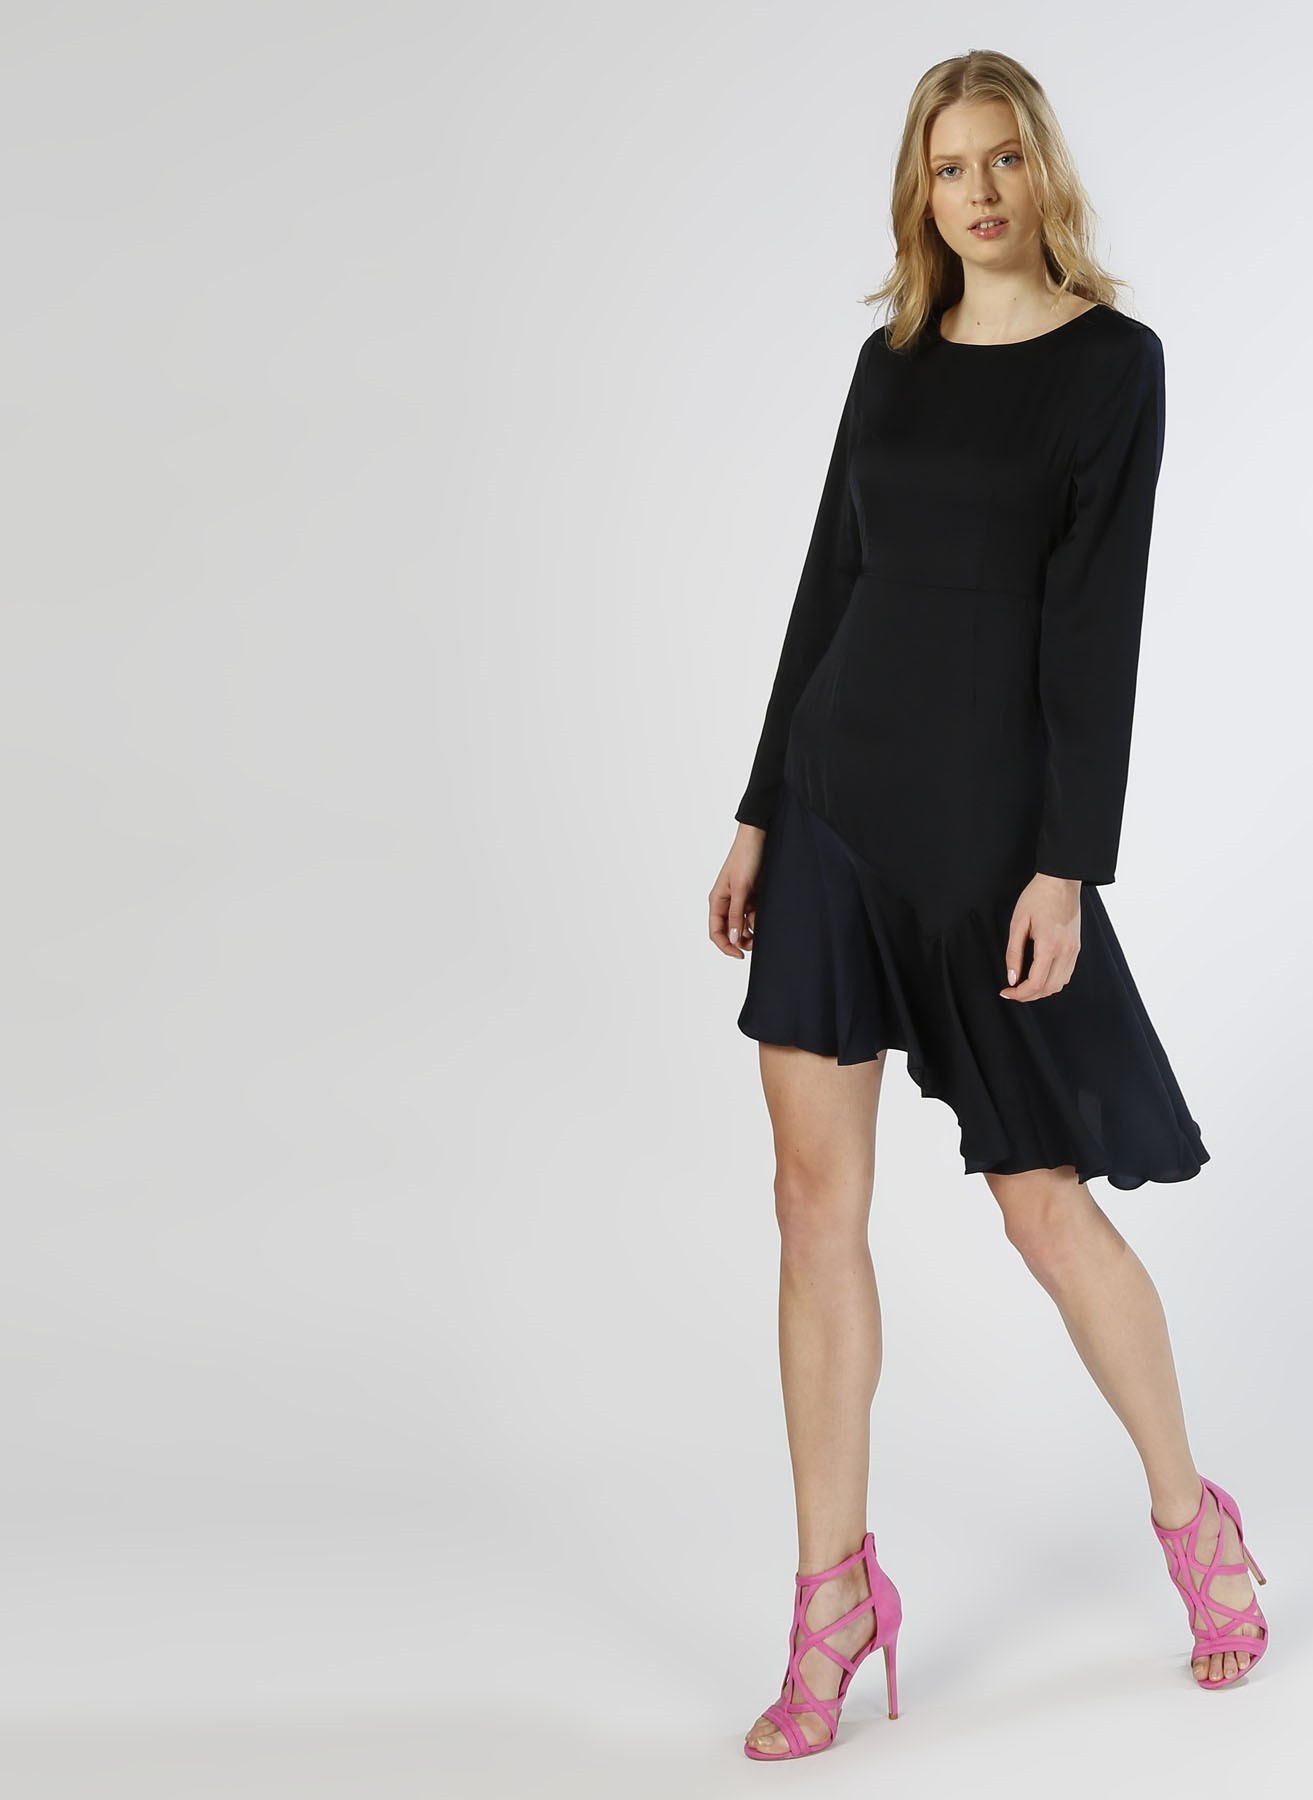 Vero Moda Asimetrik Fırfırlı Lacivert Elbise L 5000196080001 Ürün Resmi